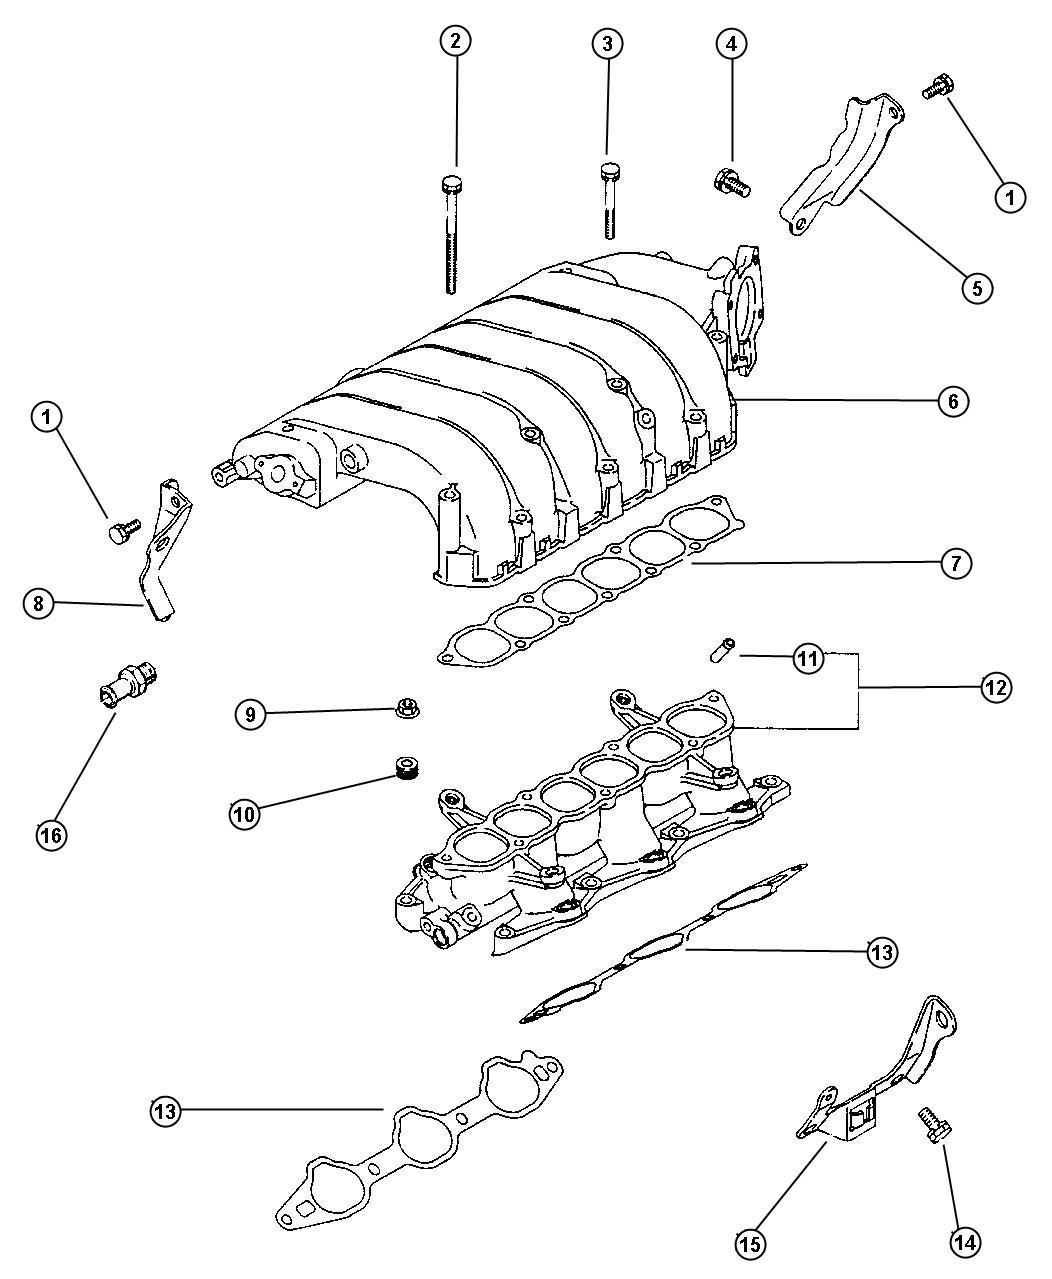 Dodge Stratus Support Eengine Mount Engine Mount